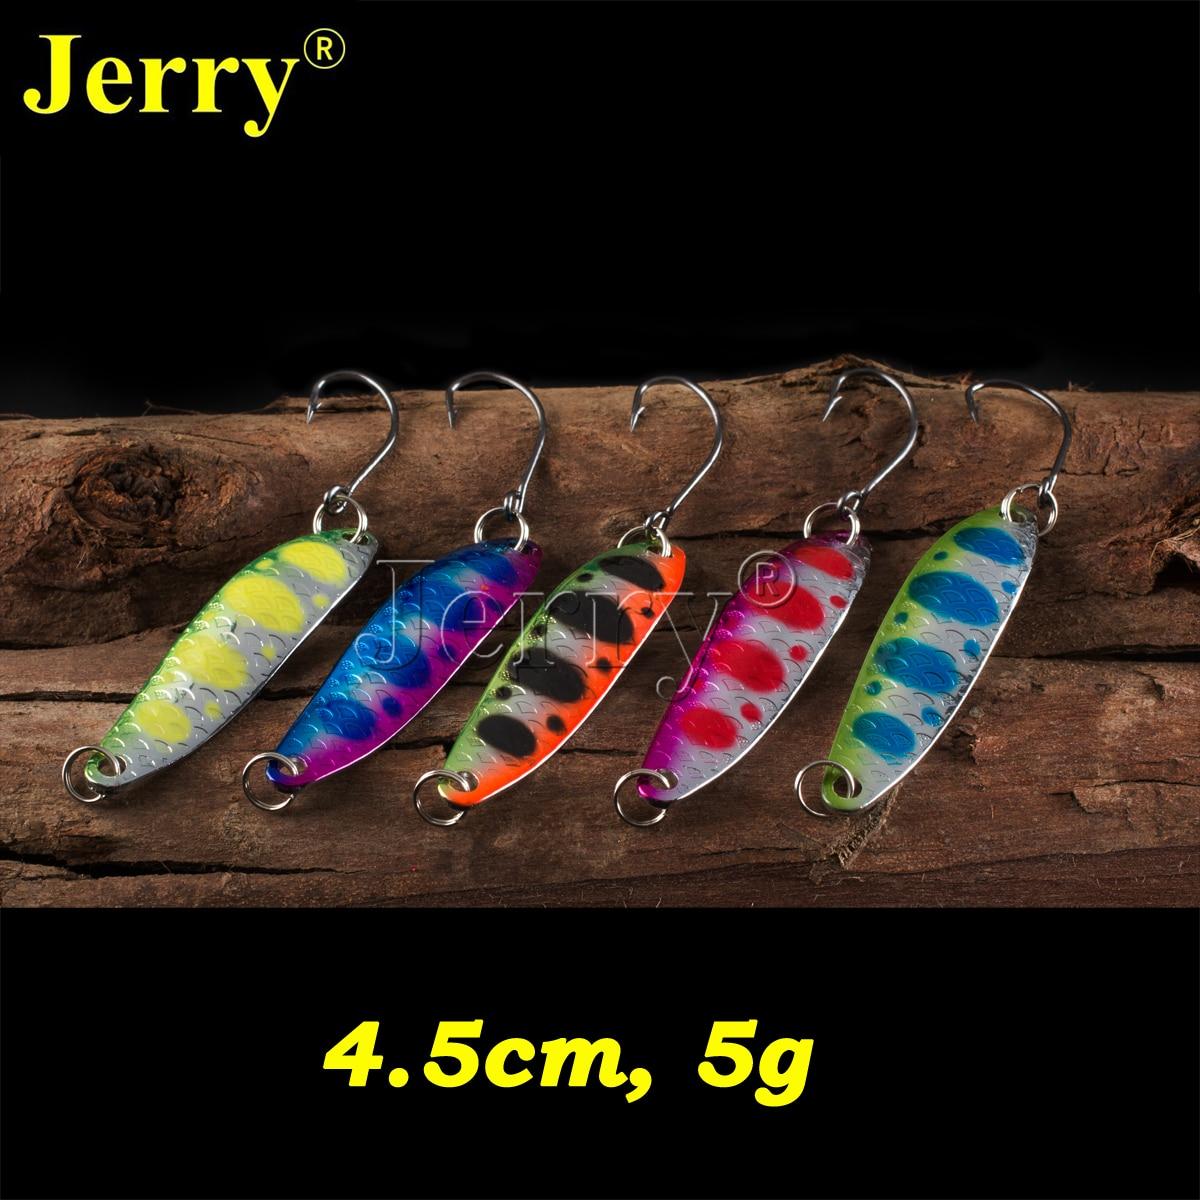 Jerry 5db 5g öntvény flutter fém kanál téli halászat csalik mesterséges csali